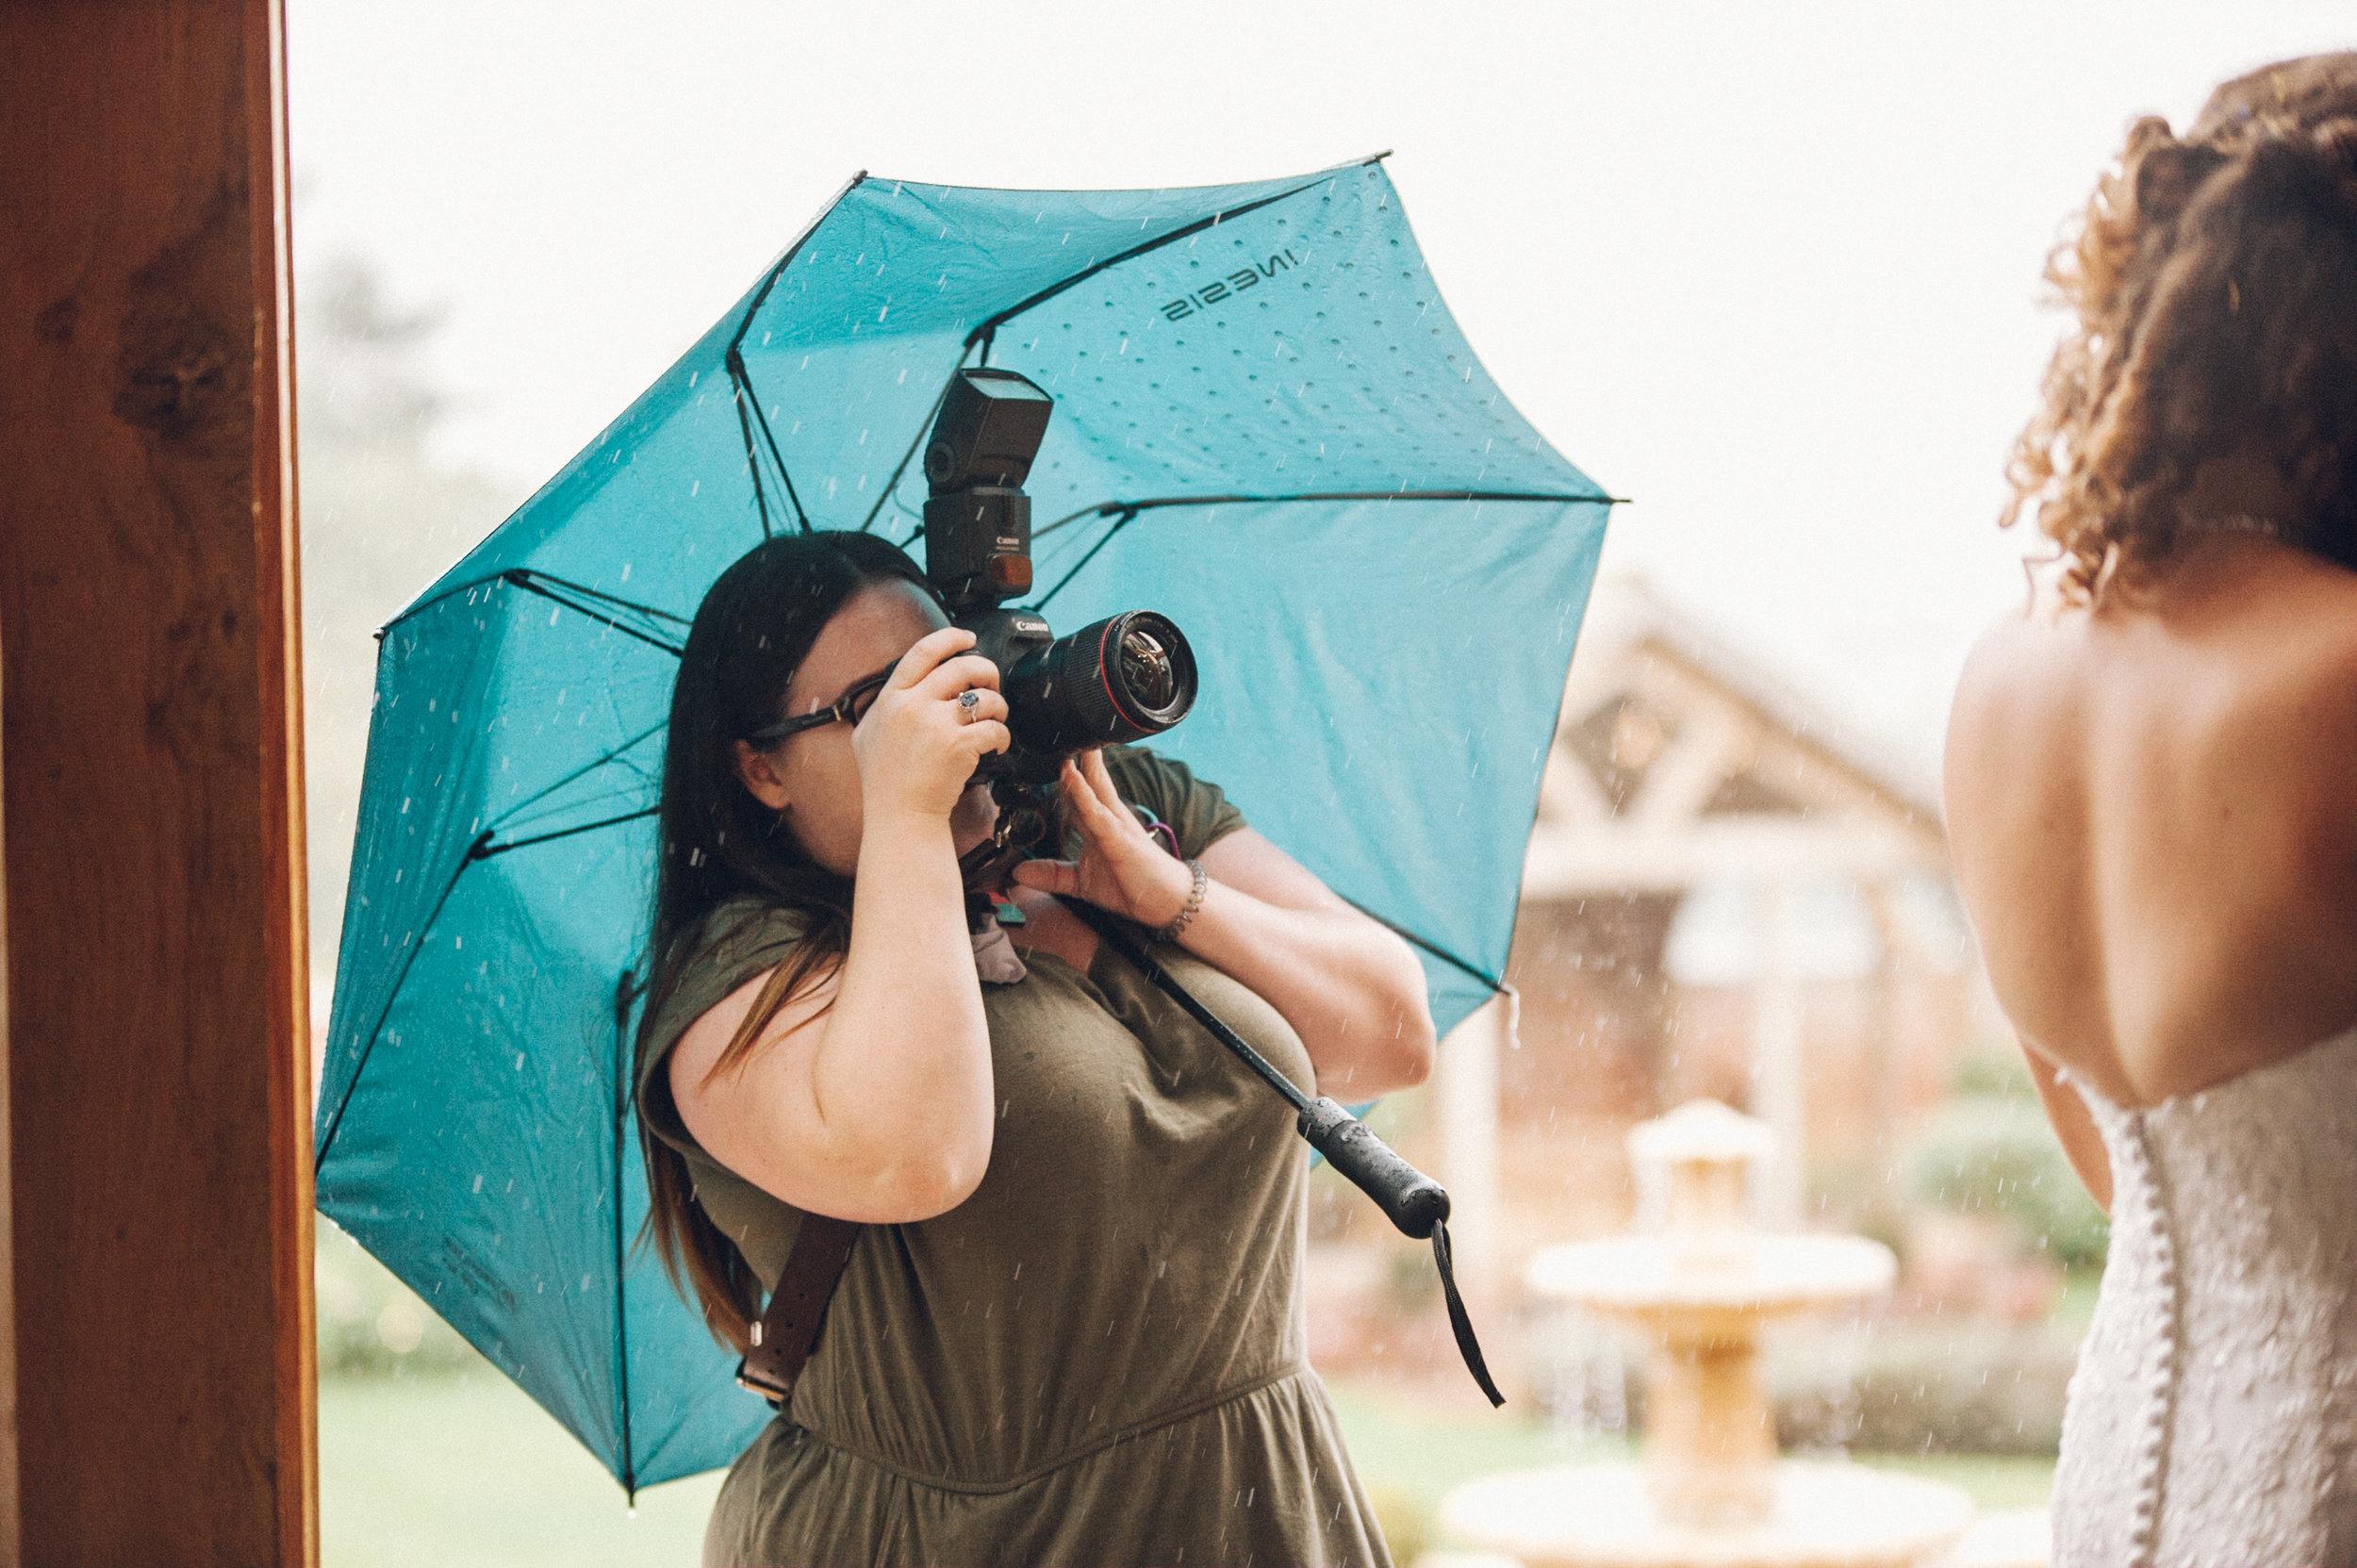 Chloe Lee Photo Behind The Scenes